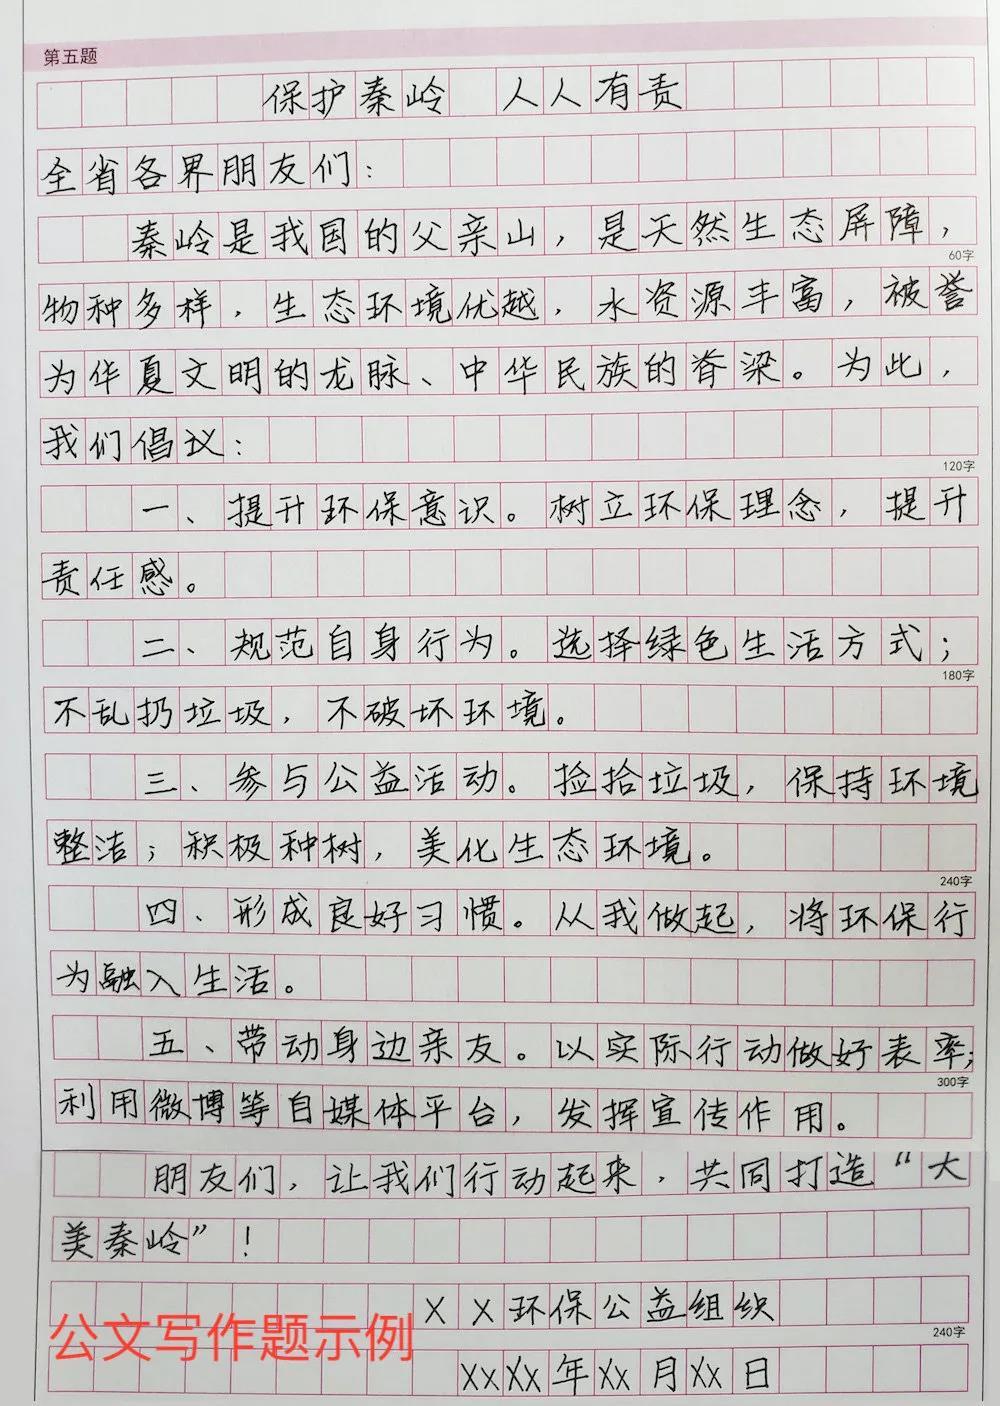 广东省考申论答题要注意书写规范,你写对没?